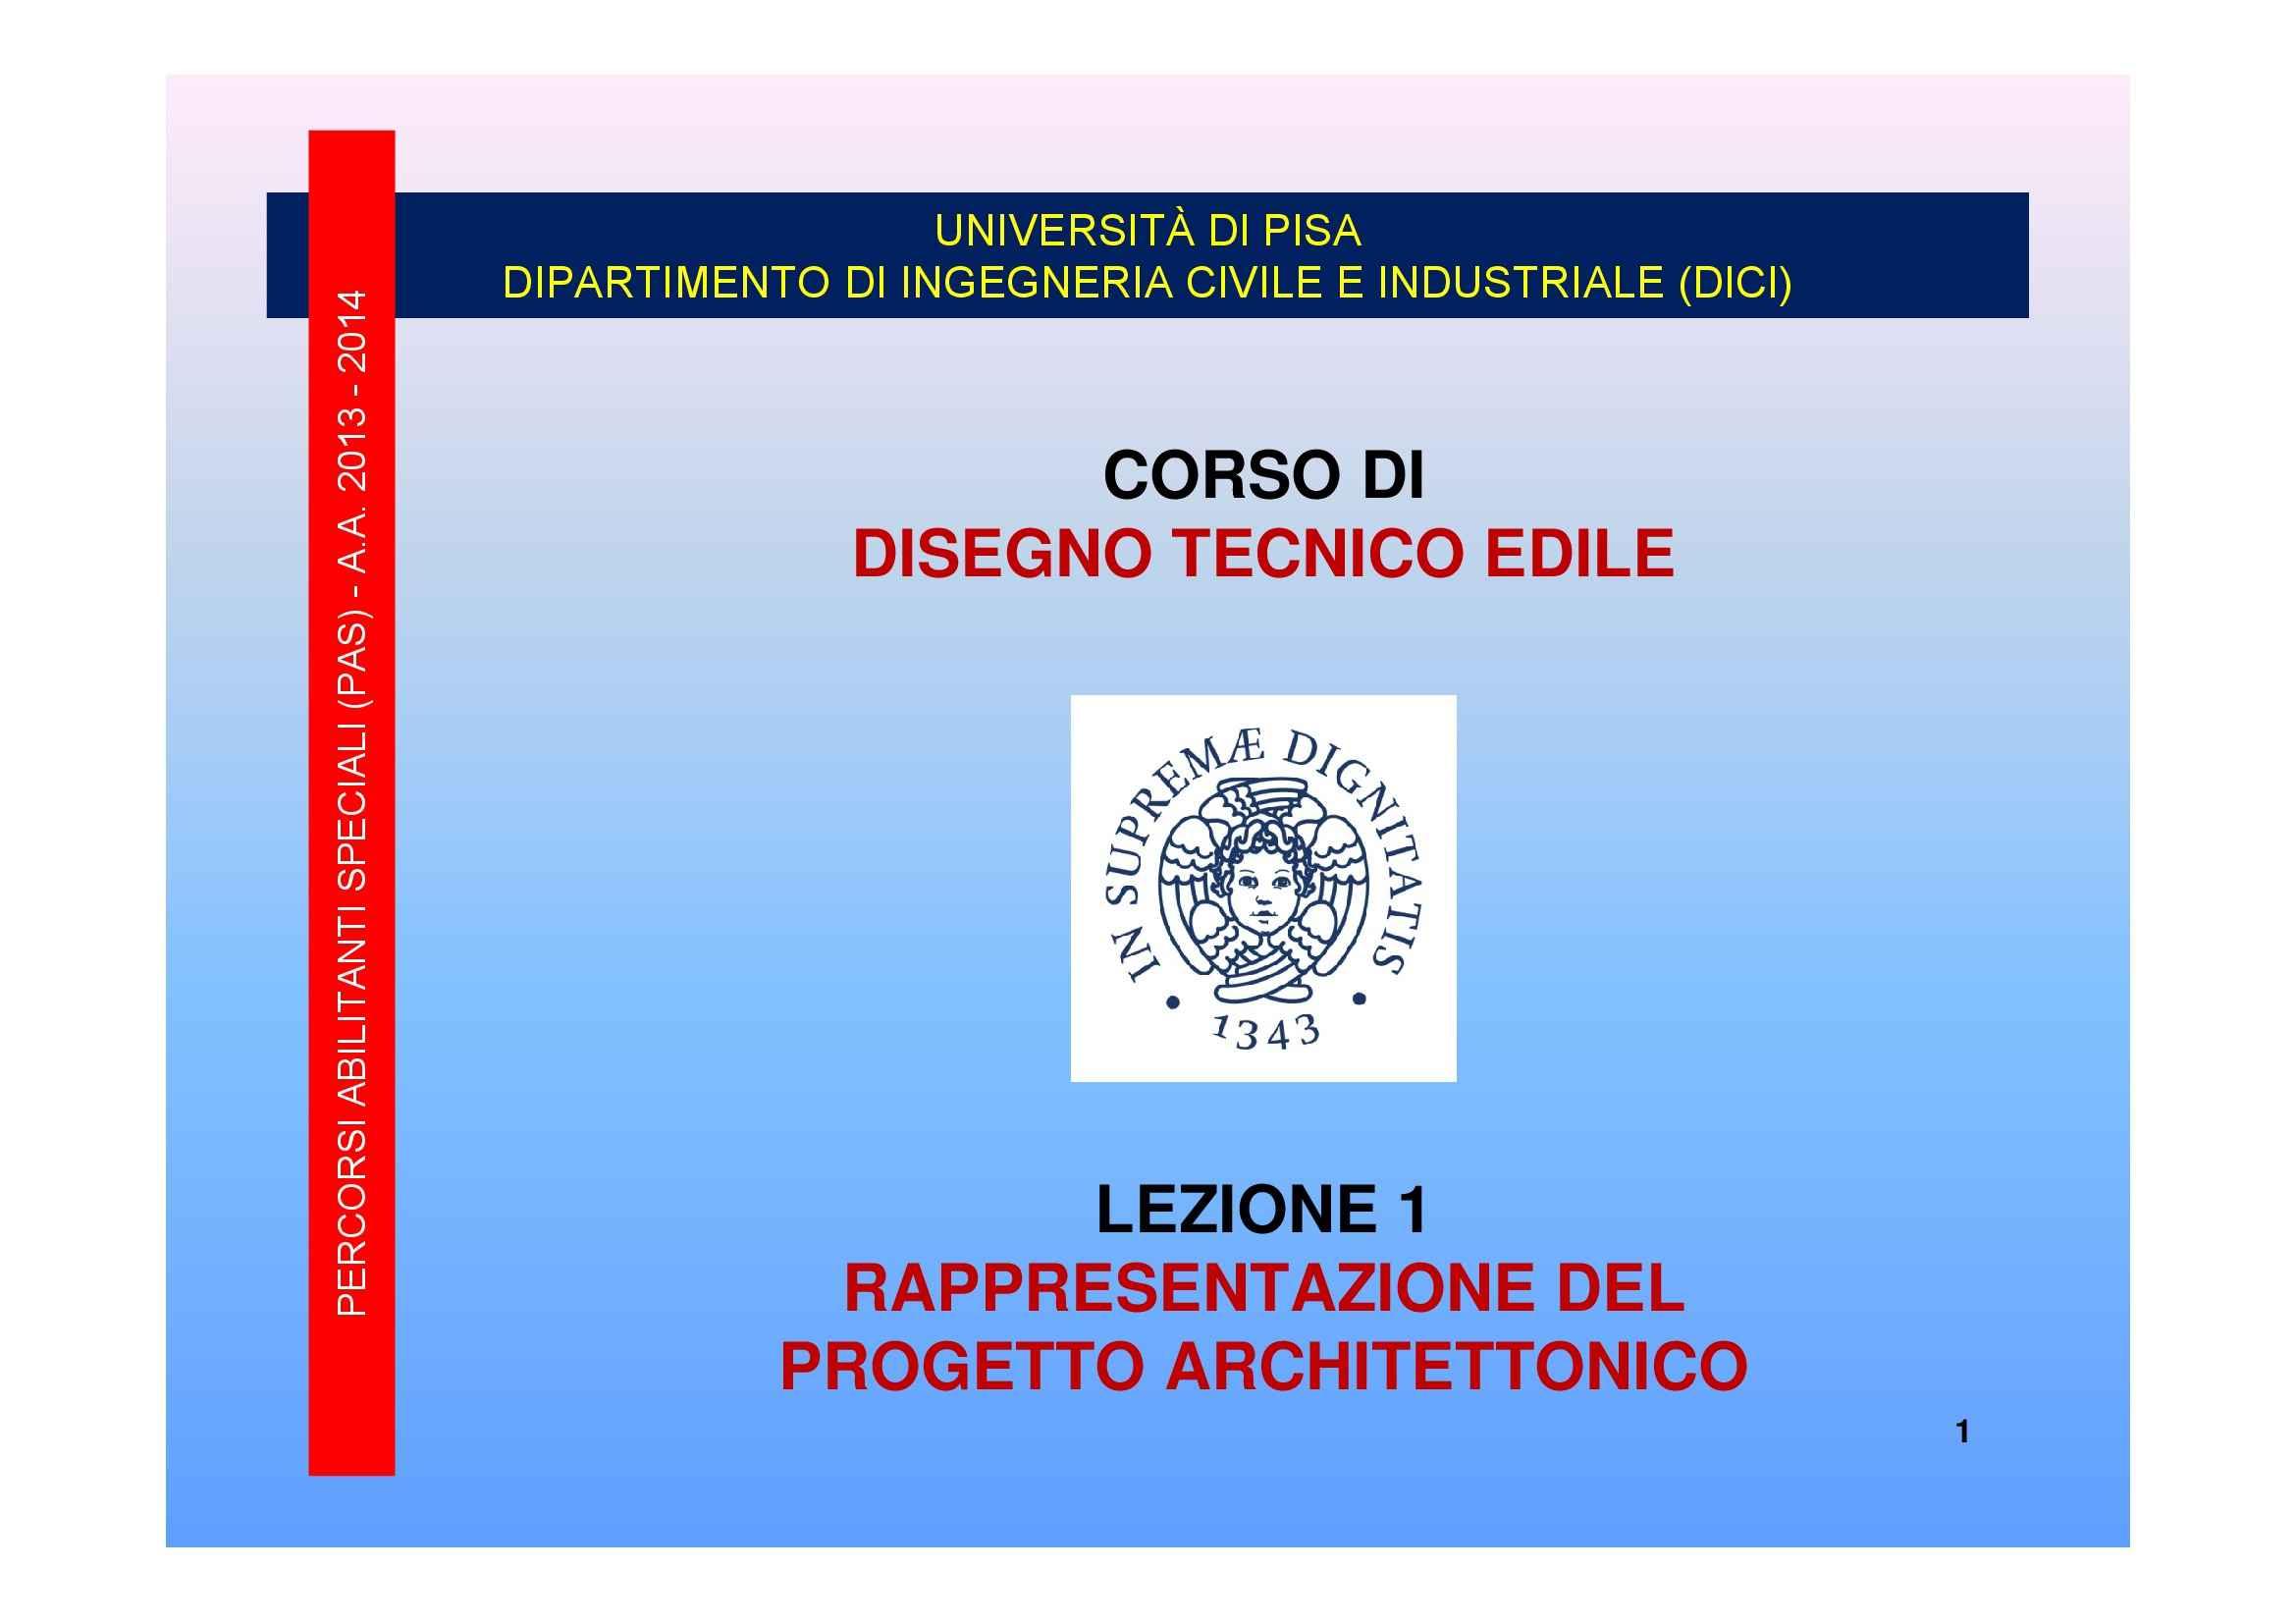 Rappresentazione del progetto, Dispensa di Disegno Tecnico